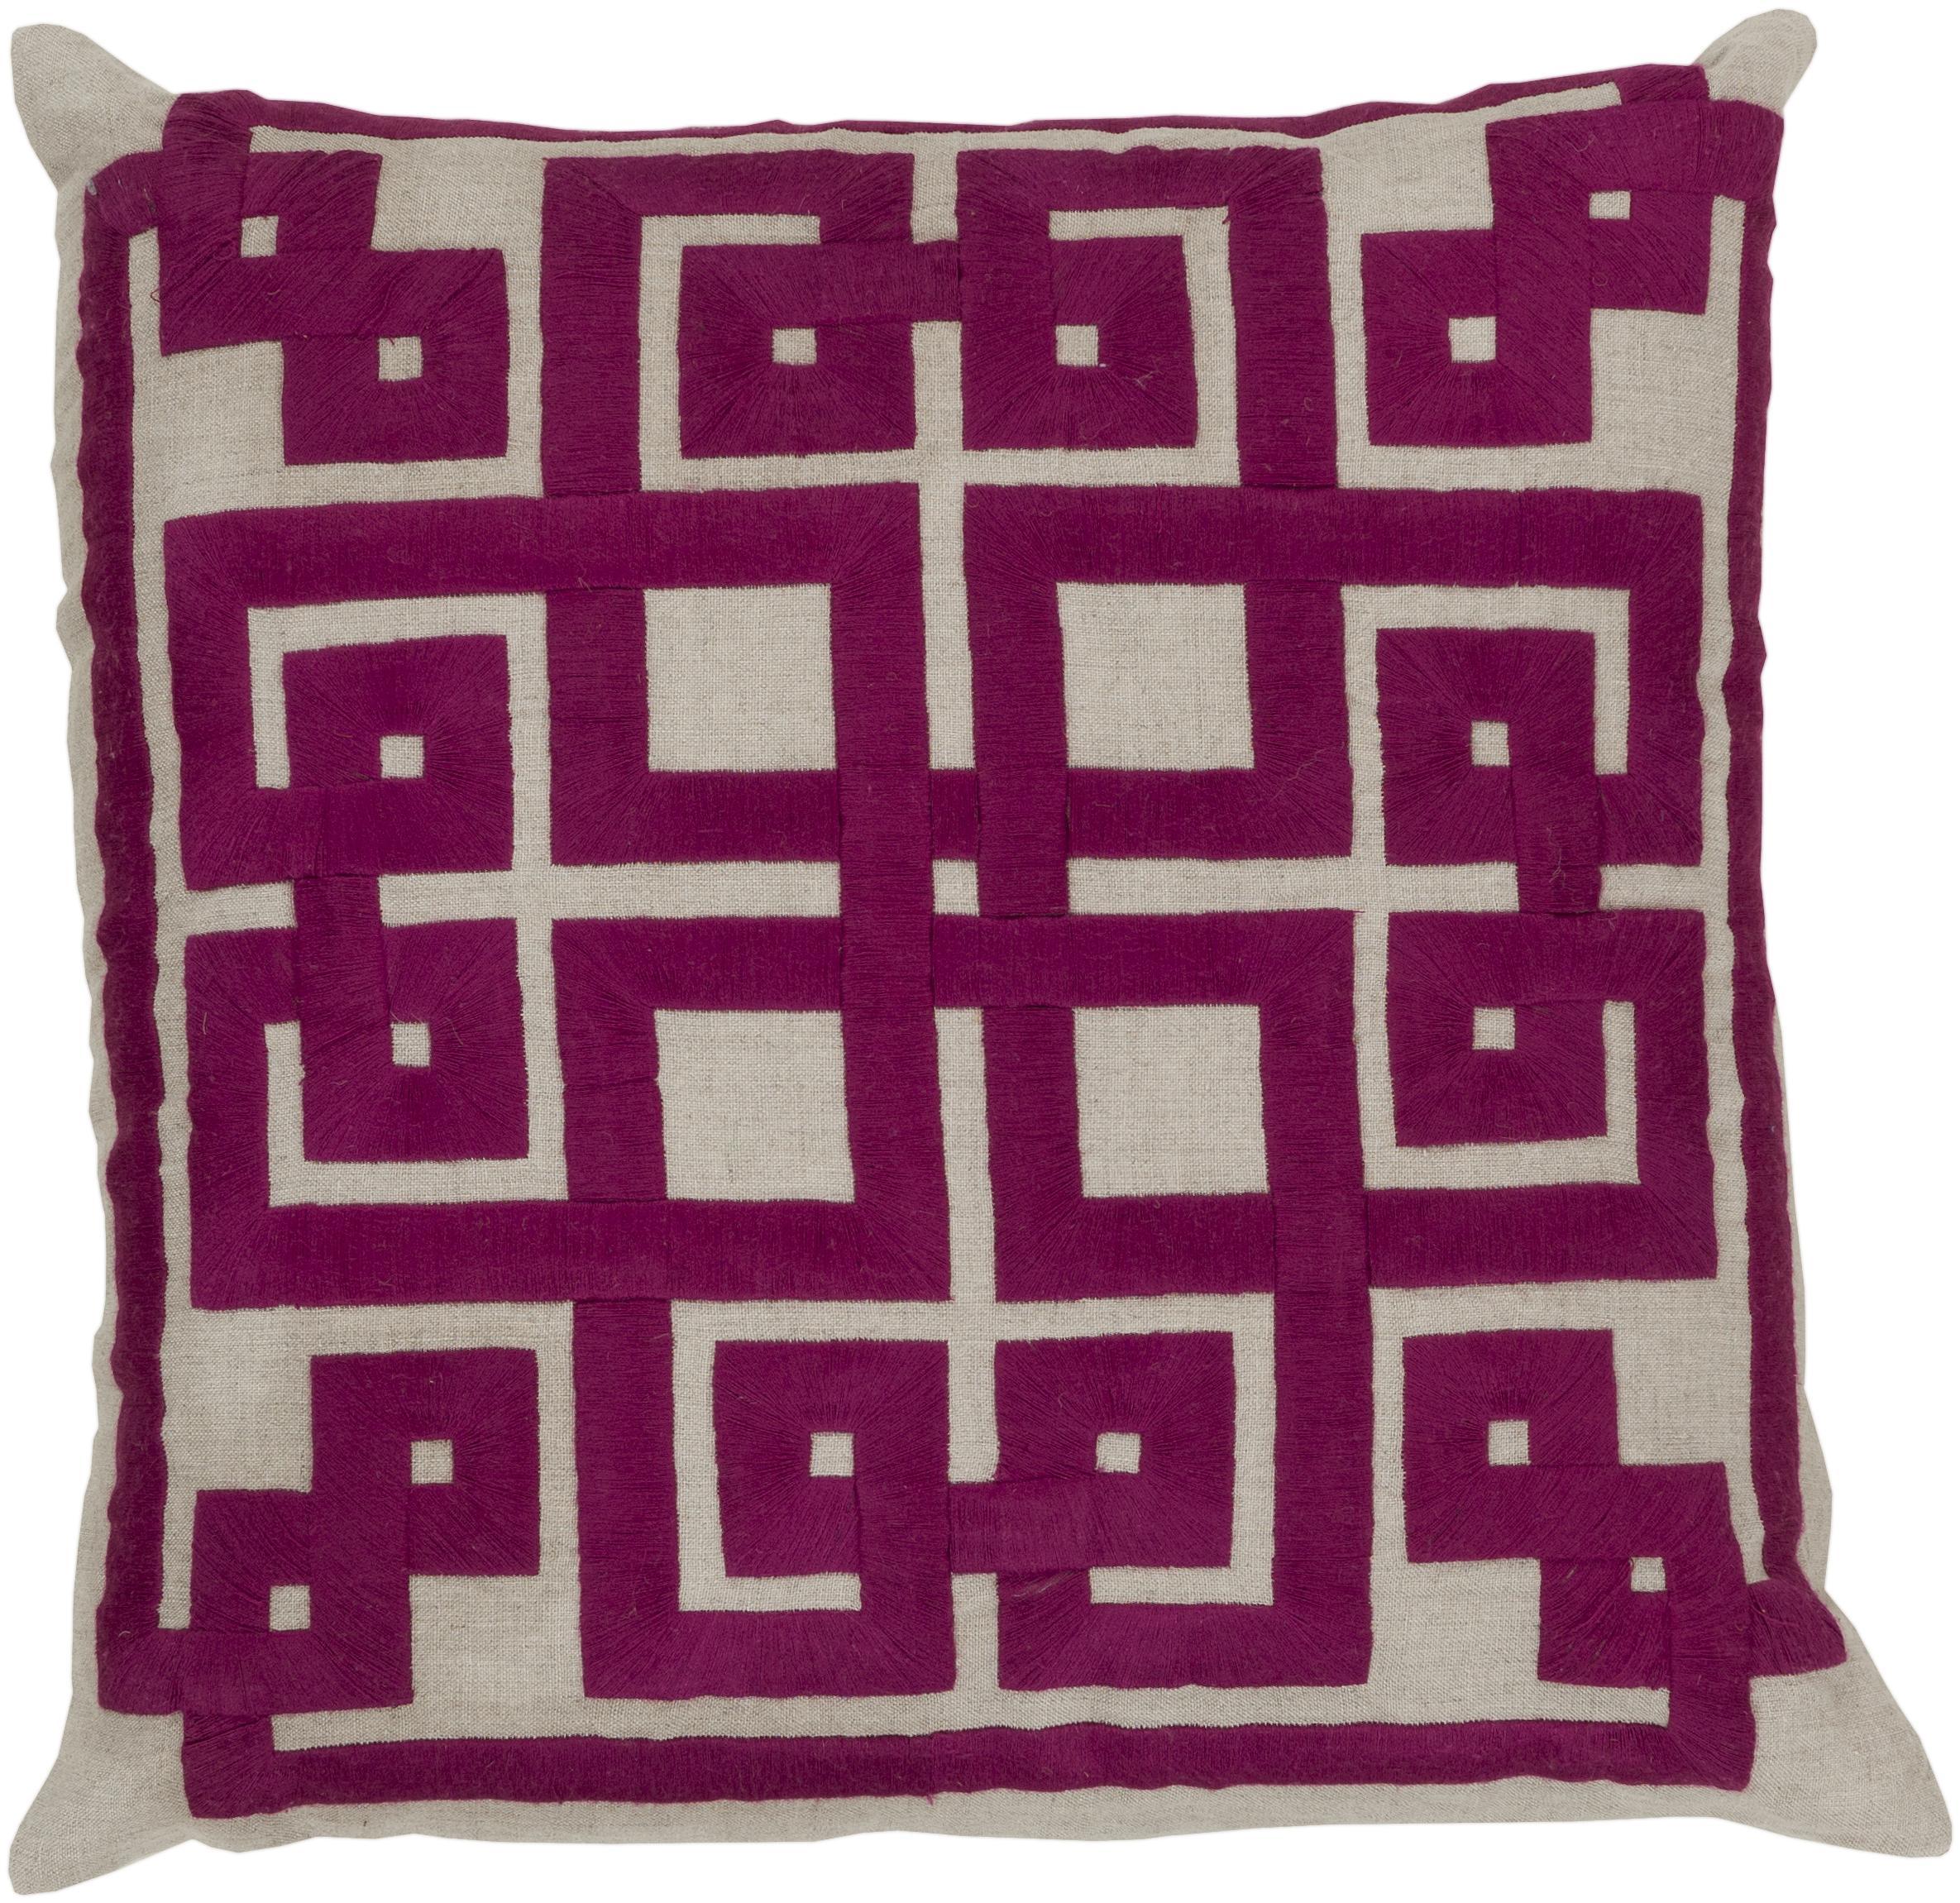 """Surya Rugs Pillows 22"""" x 22"""" Pillow - Item Number: LD008-2222P"""